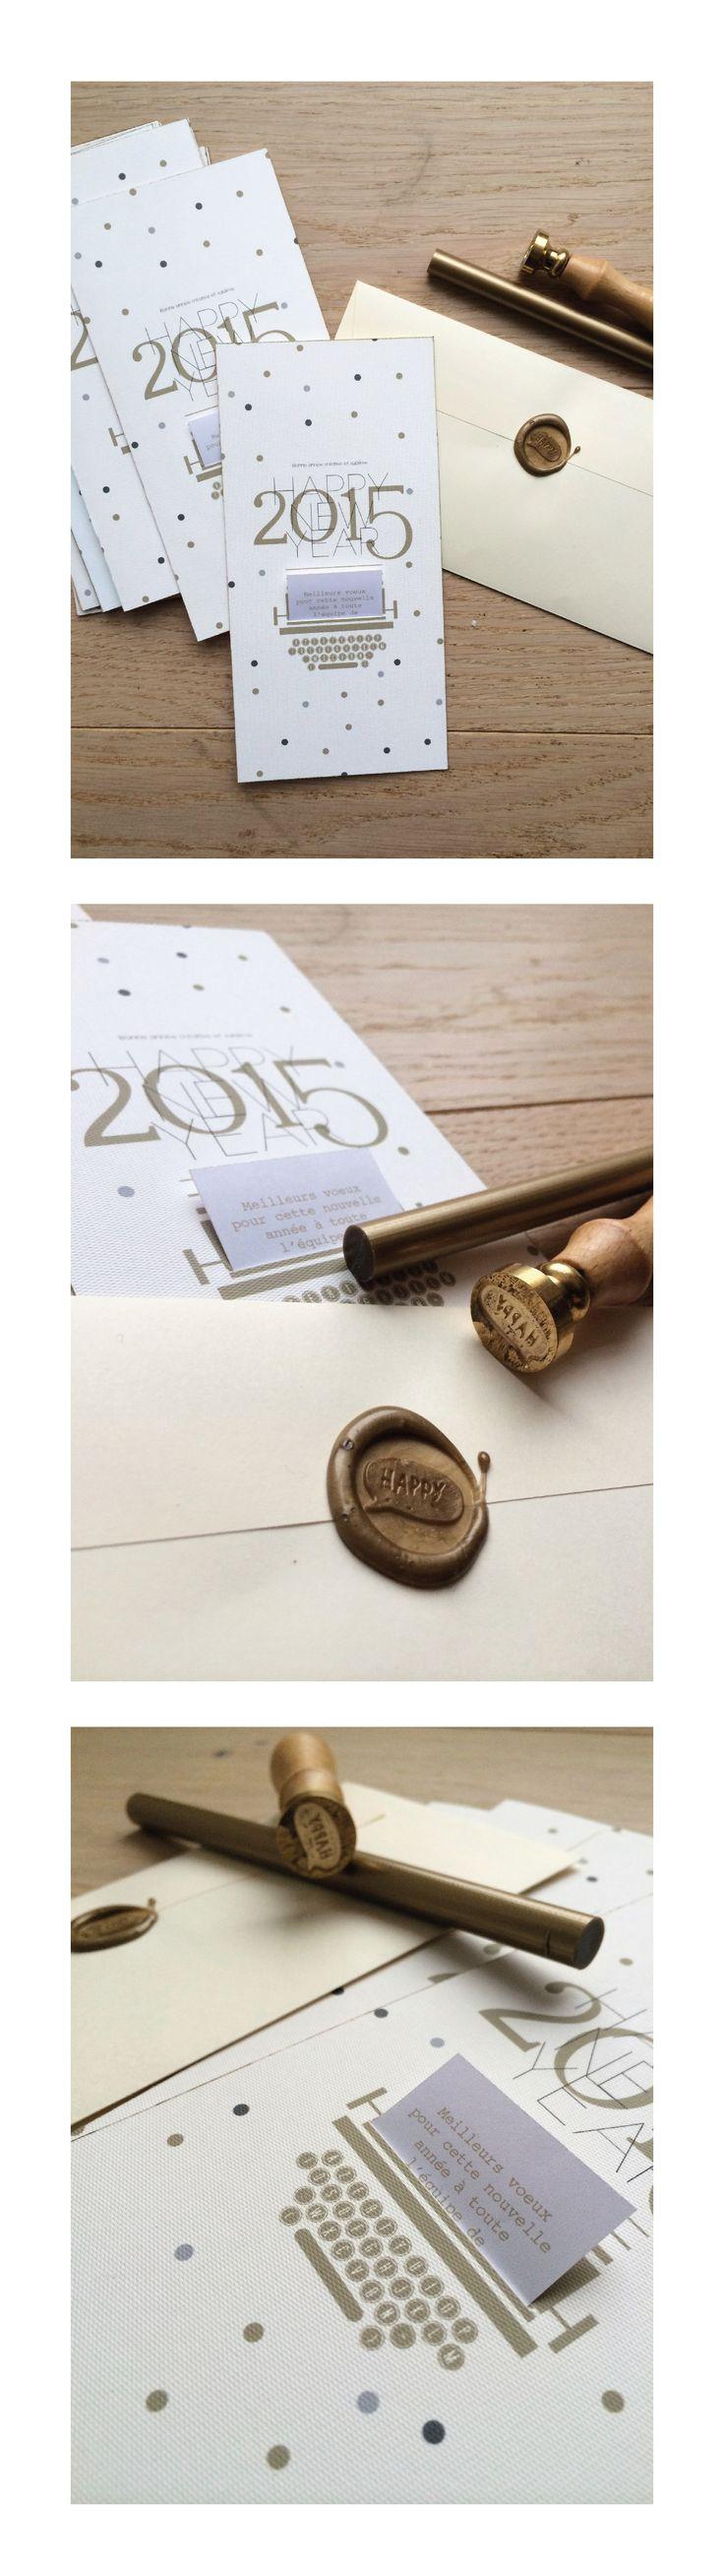 2015 cards - cartes de voeux 2015 -The Superb Agency